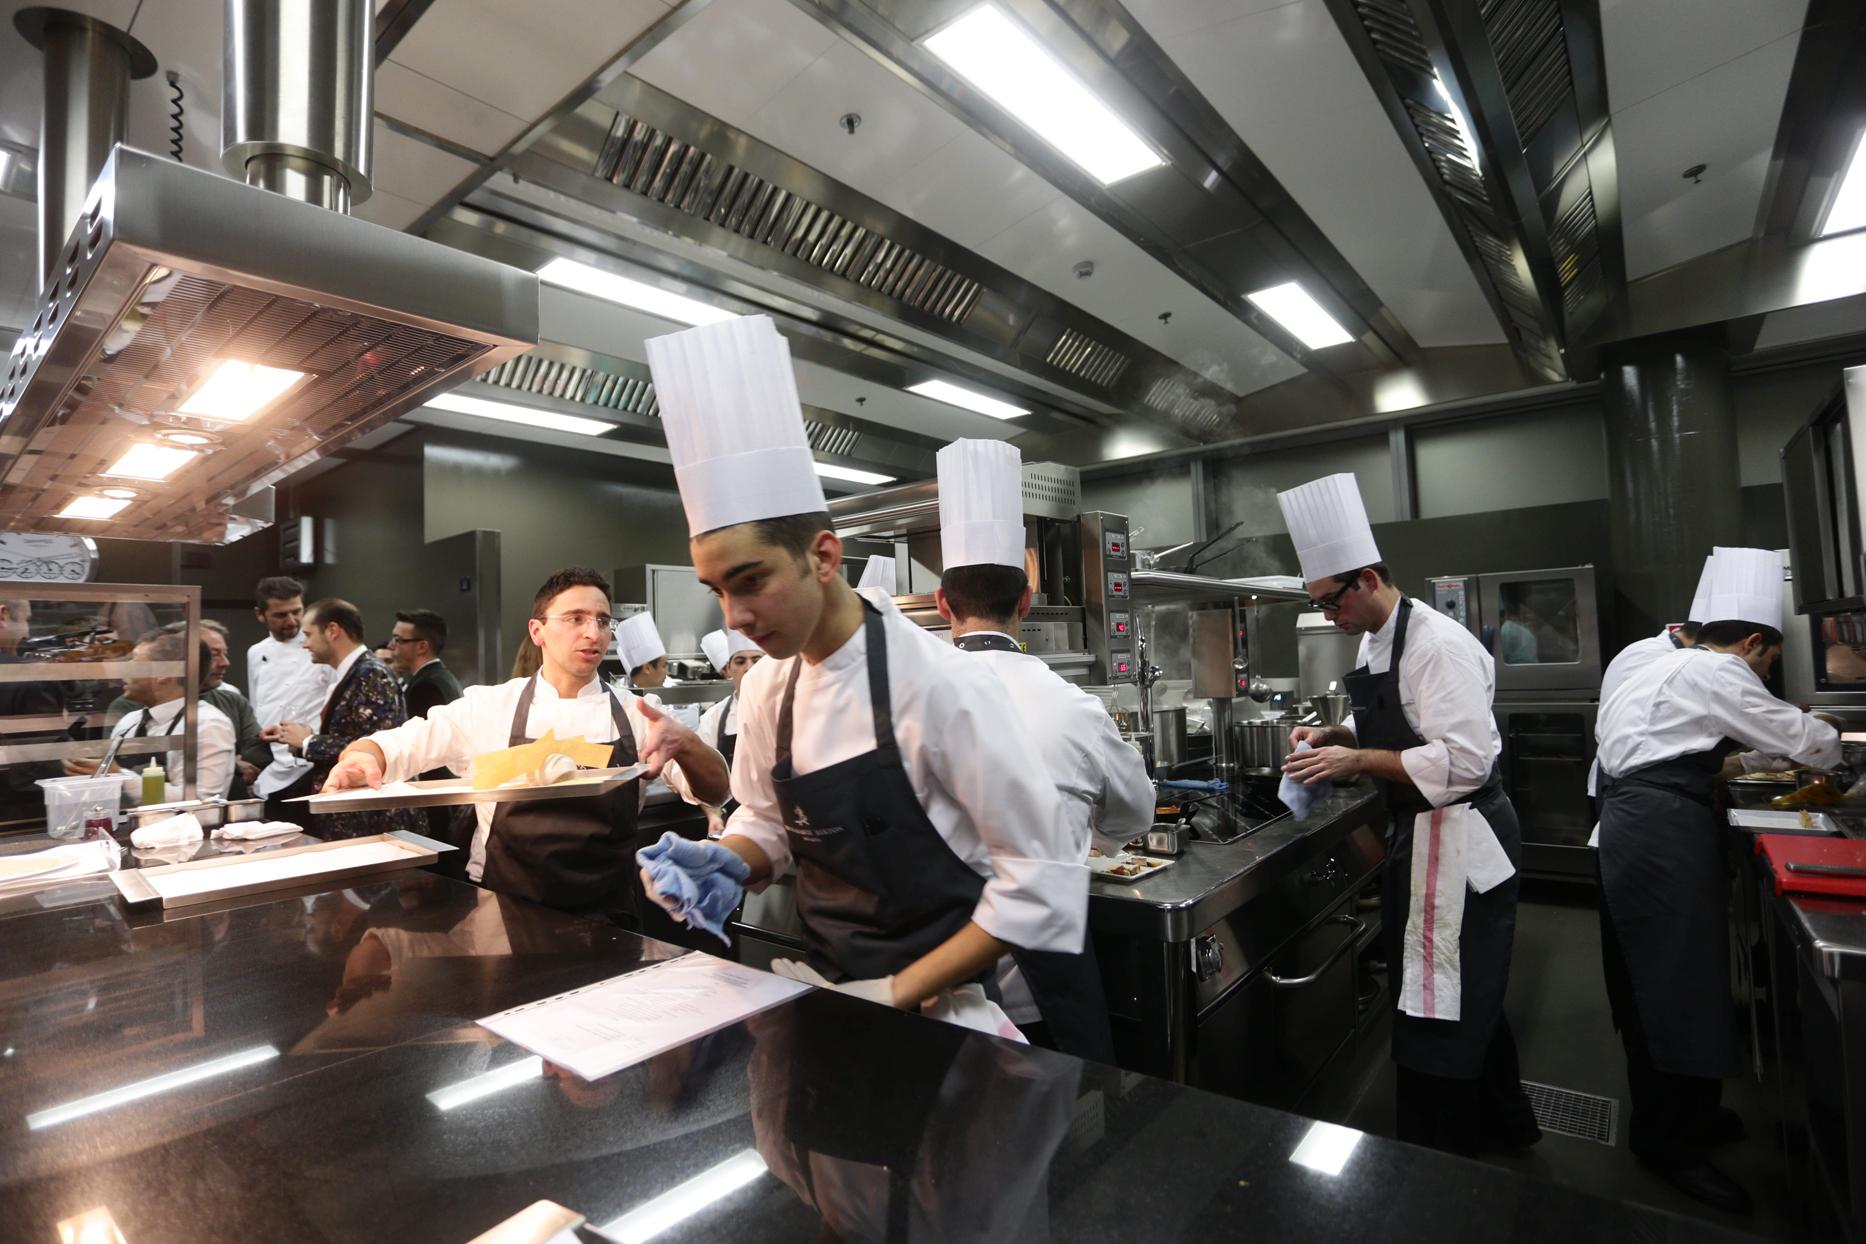 attrezzature-professionali-per-la-ristorazione-e-lora-delle-pulizie